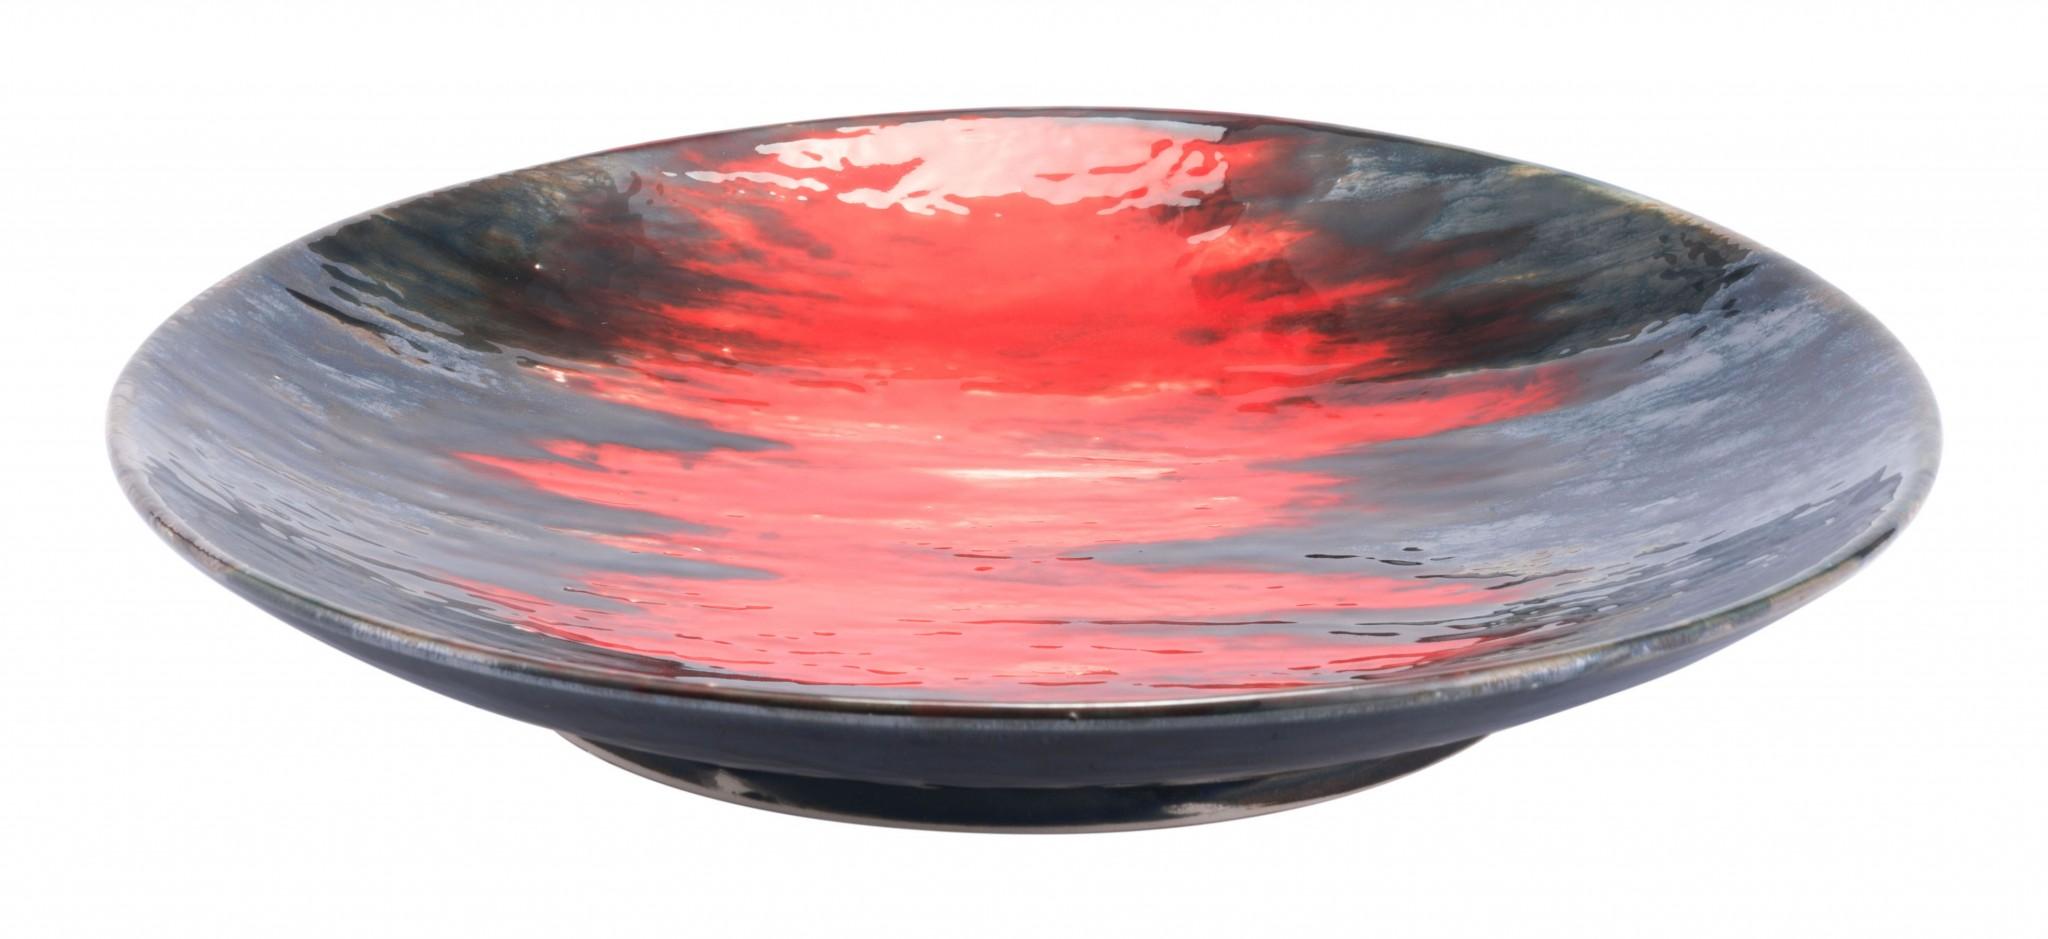 """14.6"""" x 14.6"""" x 2.4"""" Black & Red, Ceramic, Plate"""